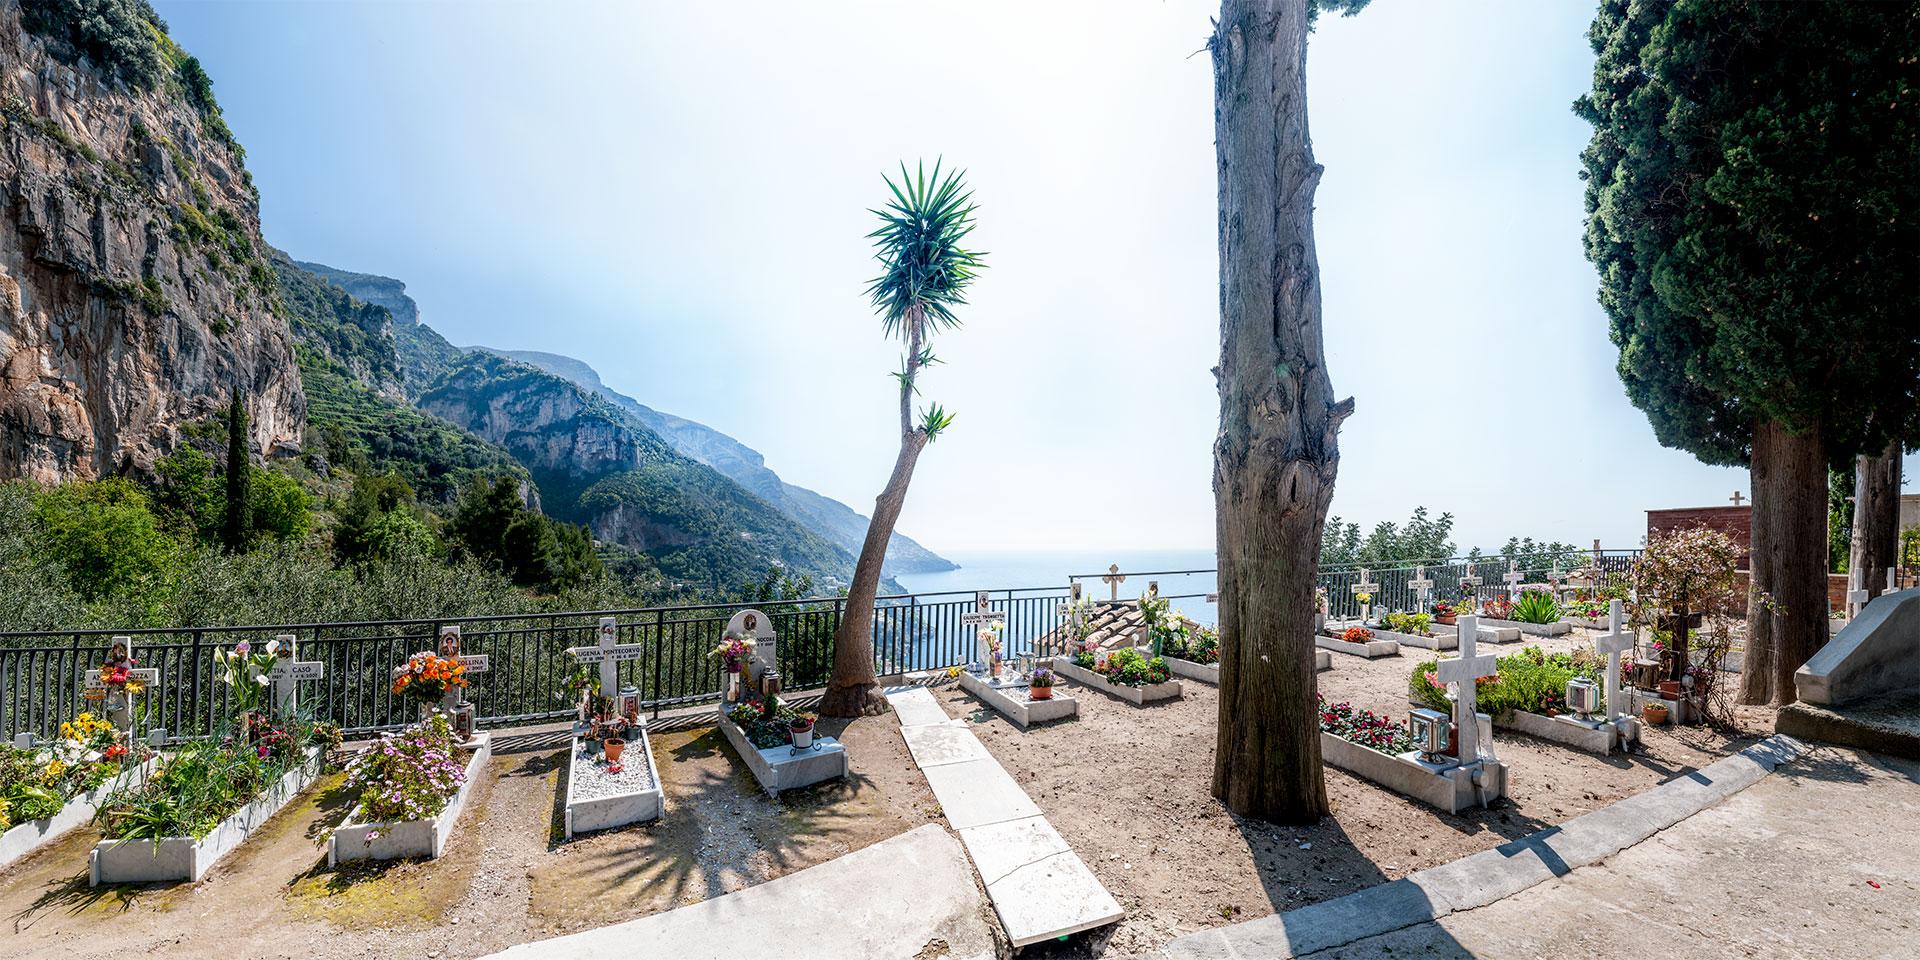 Friedhof Positano, Italien